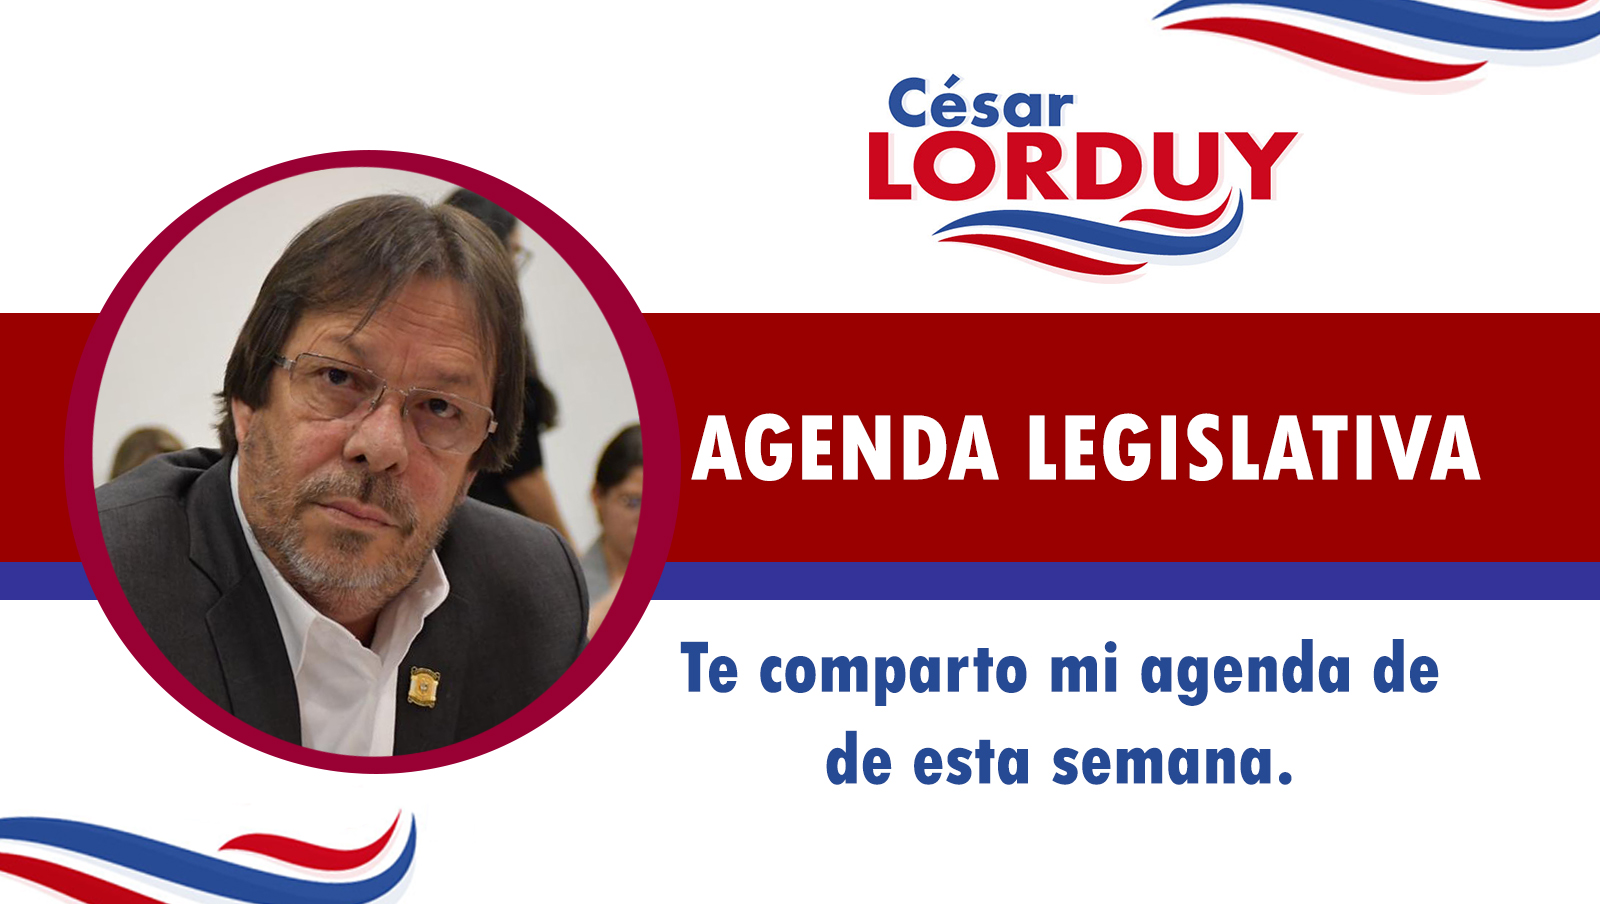 Cesar Lorduy comparte su agenda legislativa en la Cámara de Representantes del 20 al 25 de julio 4